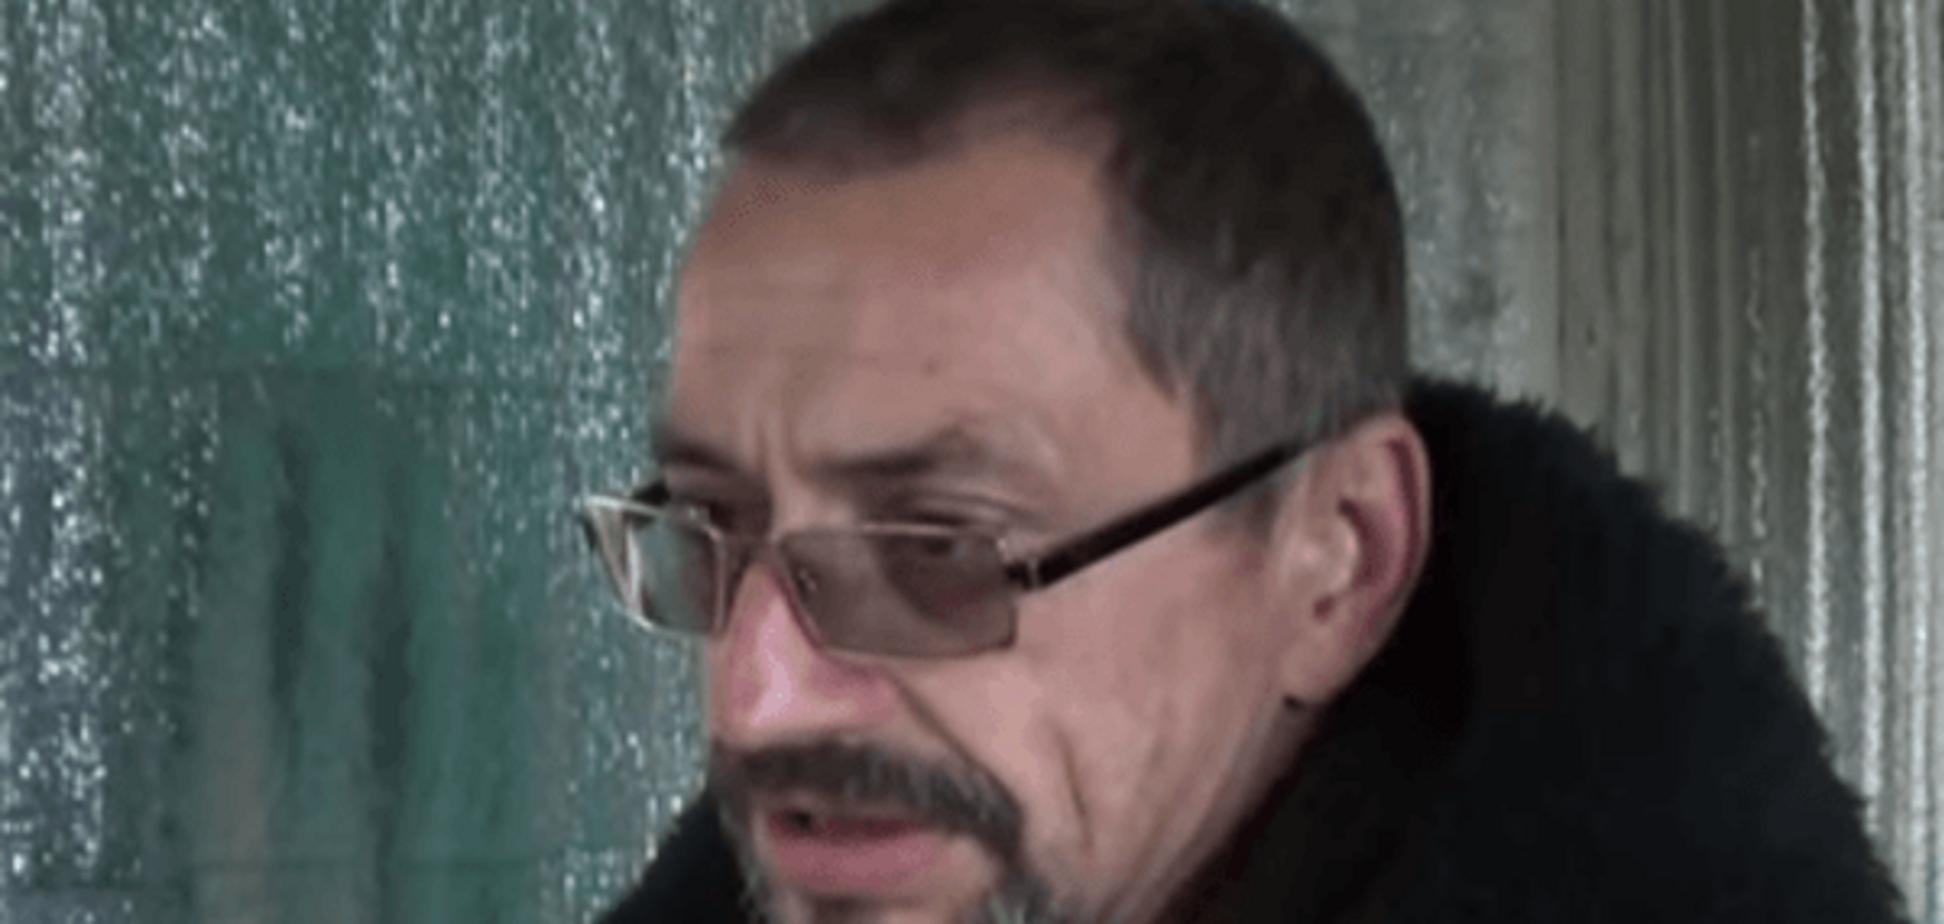 'Живуть у норах, харчуванням не постачають': терорист 'П'ятнашки' поскаржився на забуття